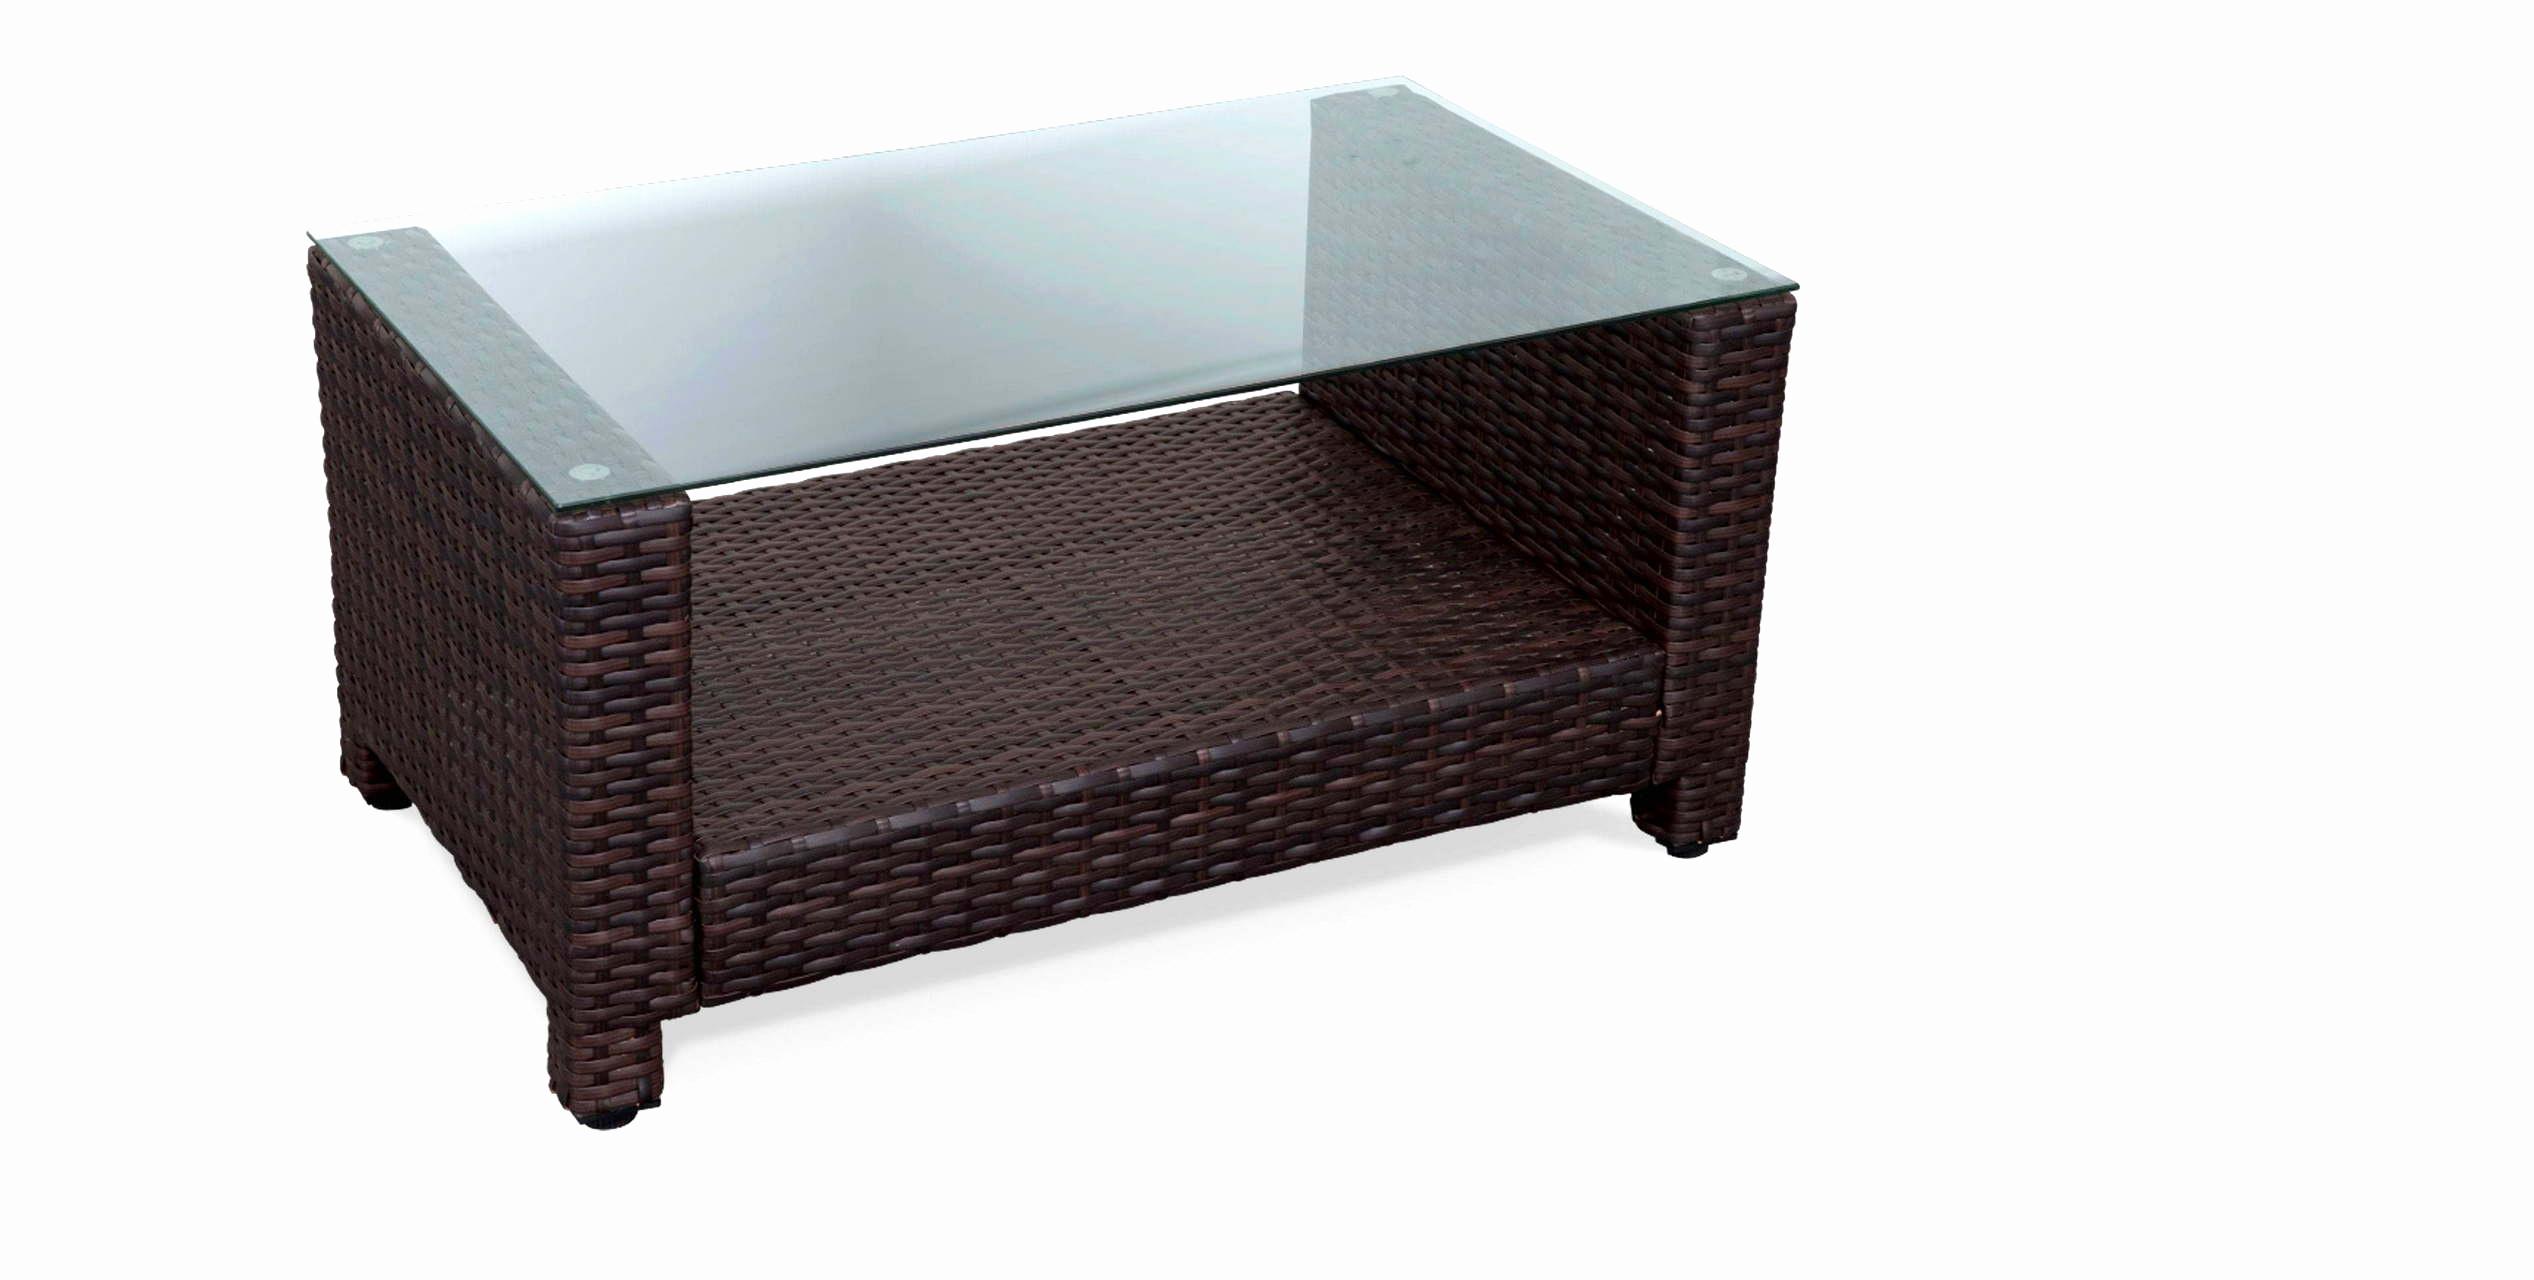 Nouveau Table Basse Babou - Luckytroll intérieur Table De Jardin Babou